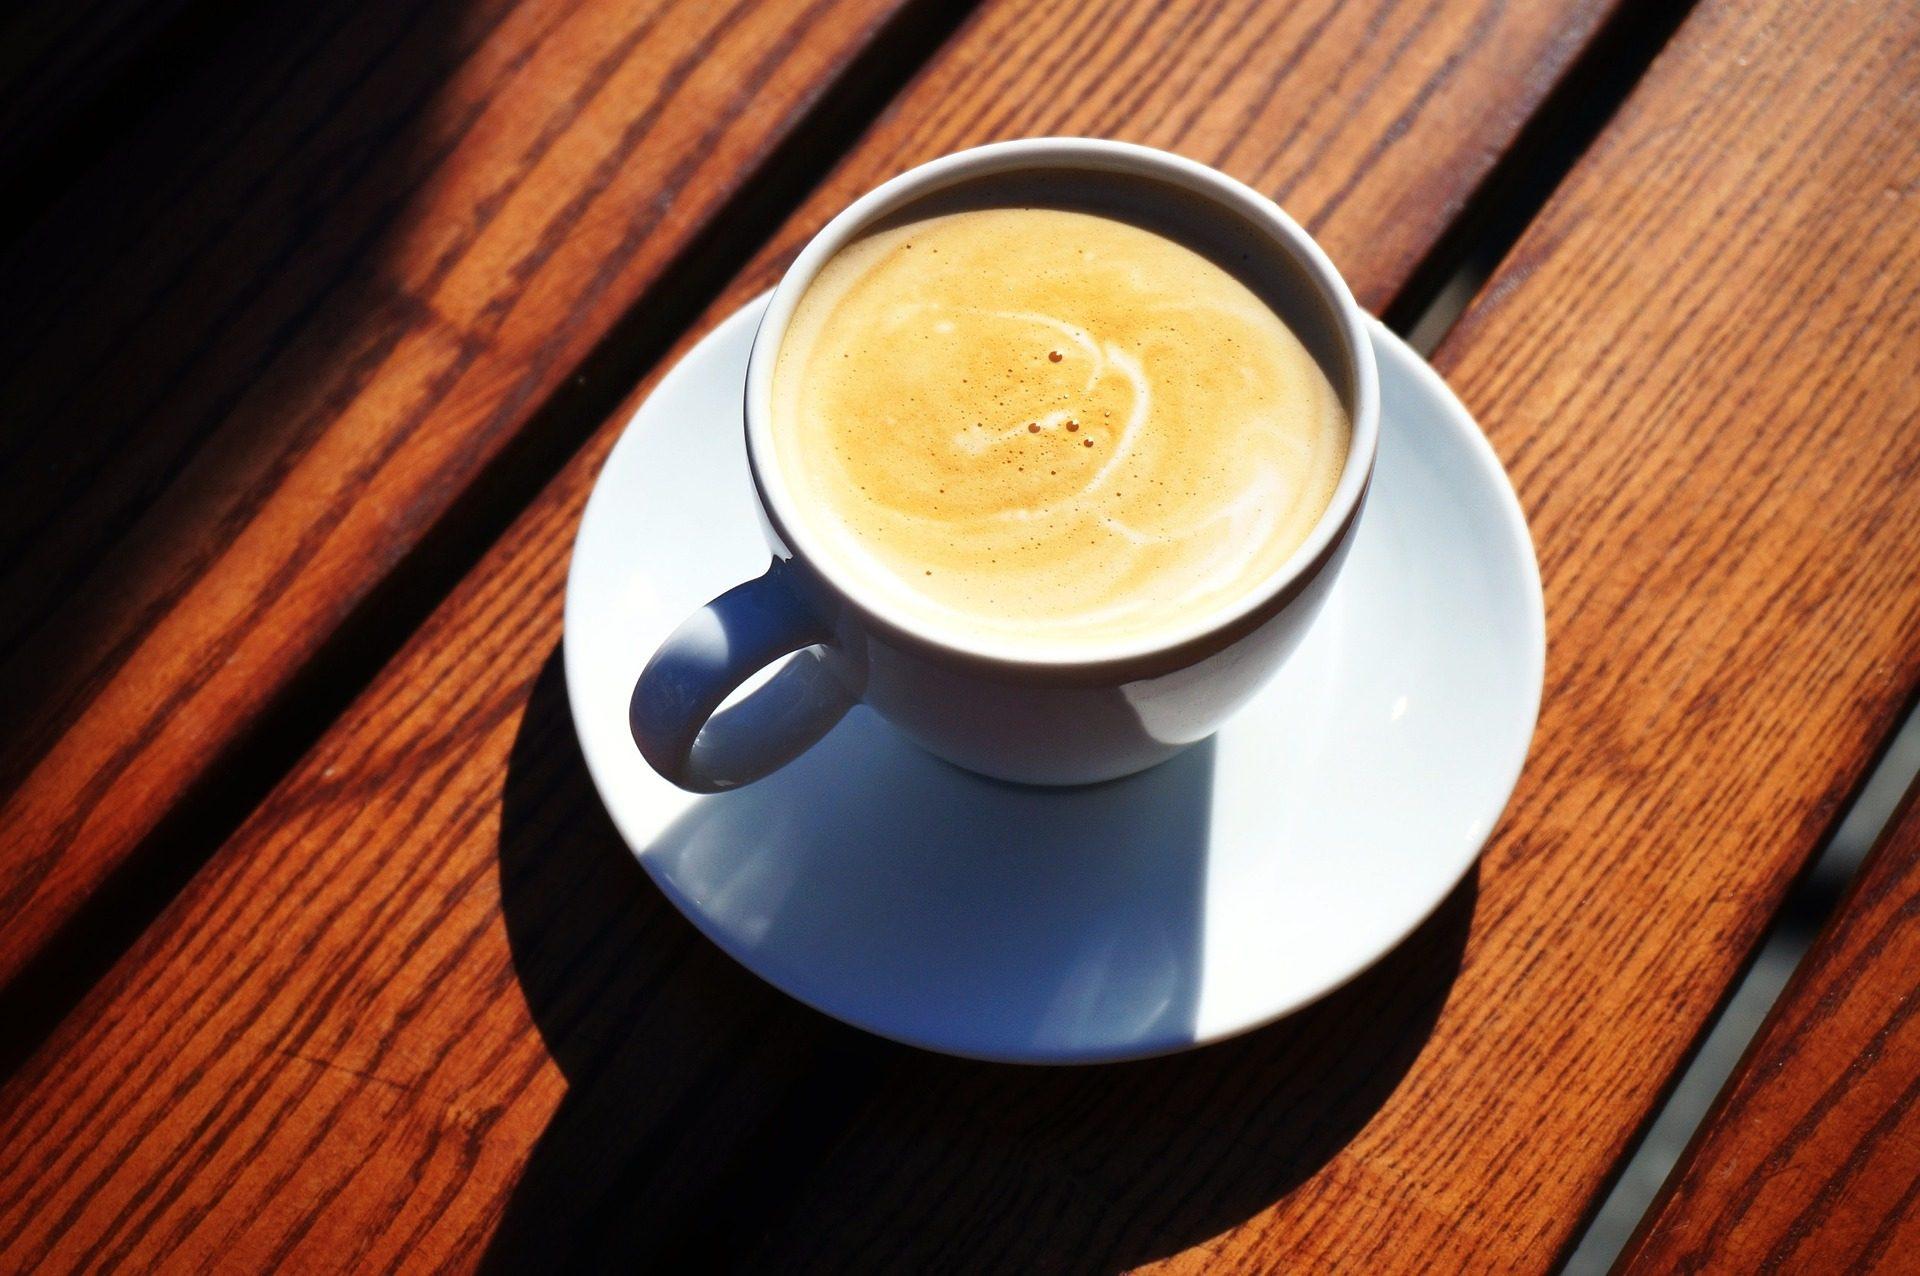 Kaffee, Tasse, Frühstück, Schaum, Sonne - Wallpaper HD - Prof.-falken.com